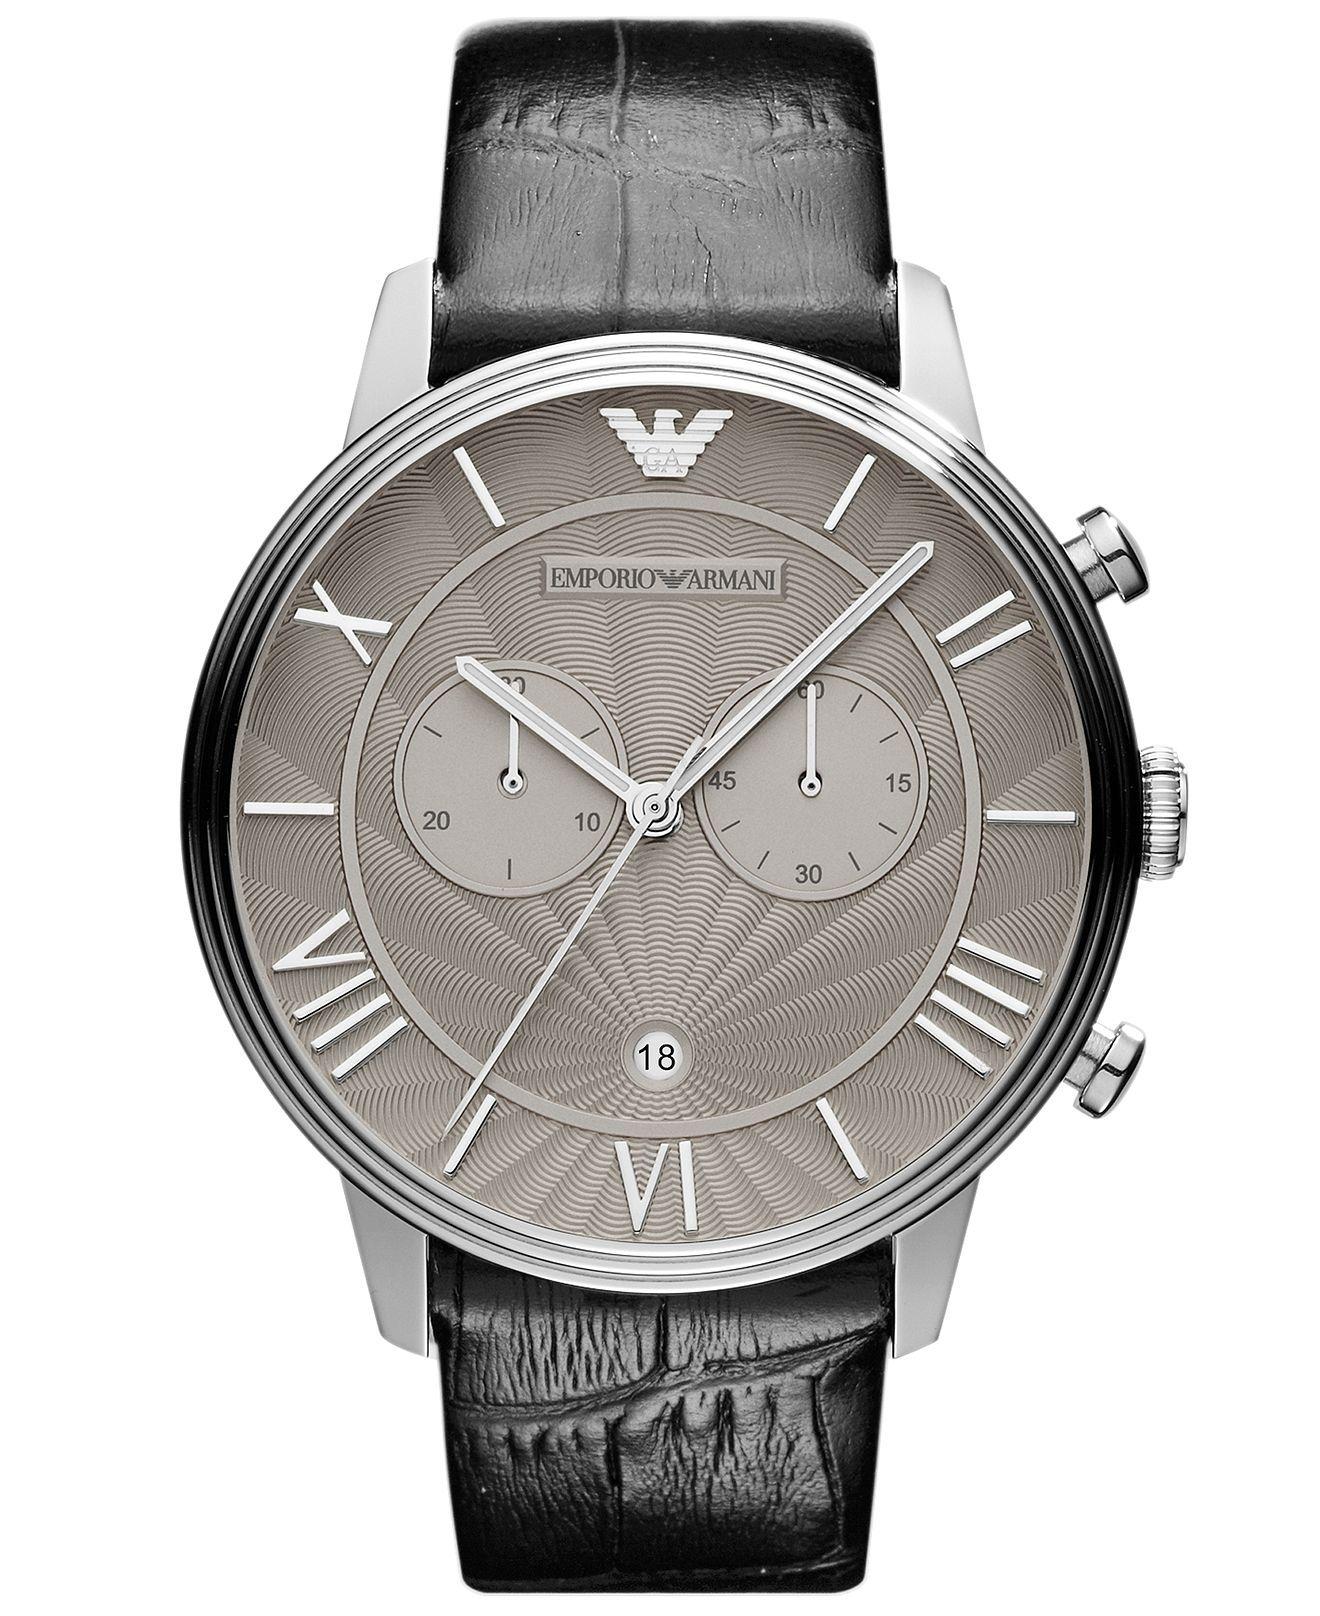 f4f60e77fde Emporio Armani Watch